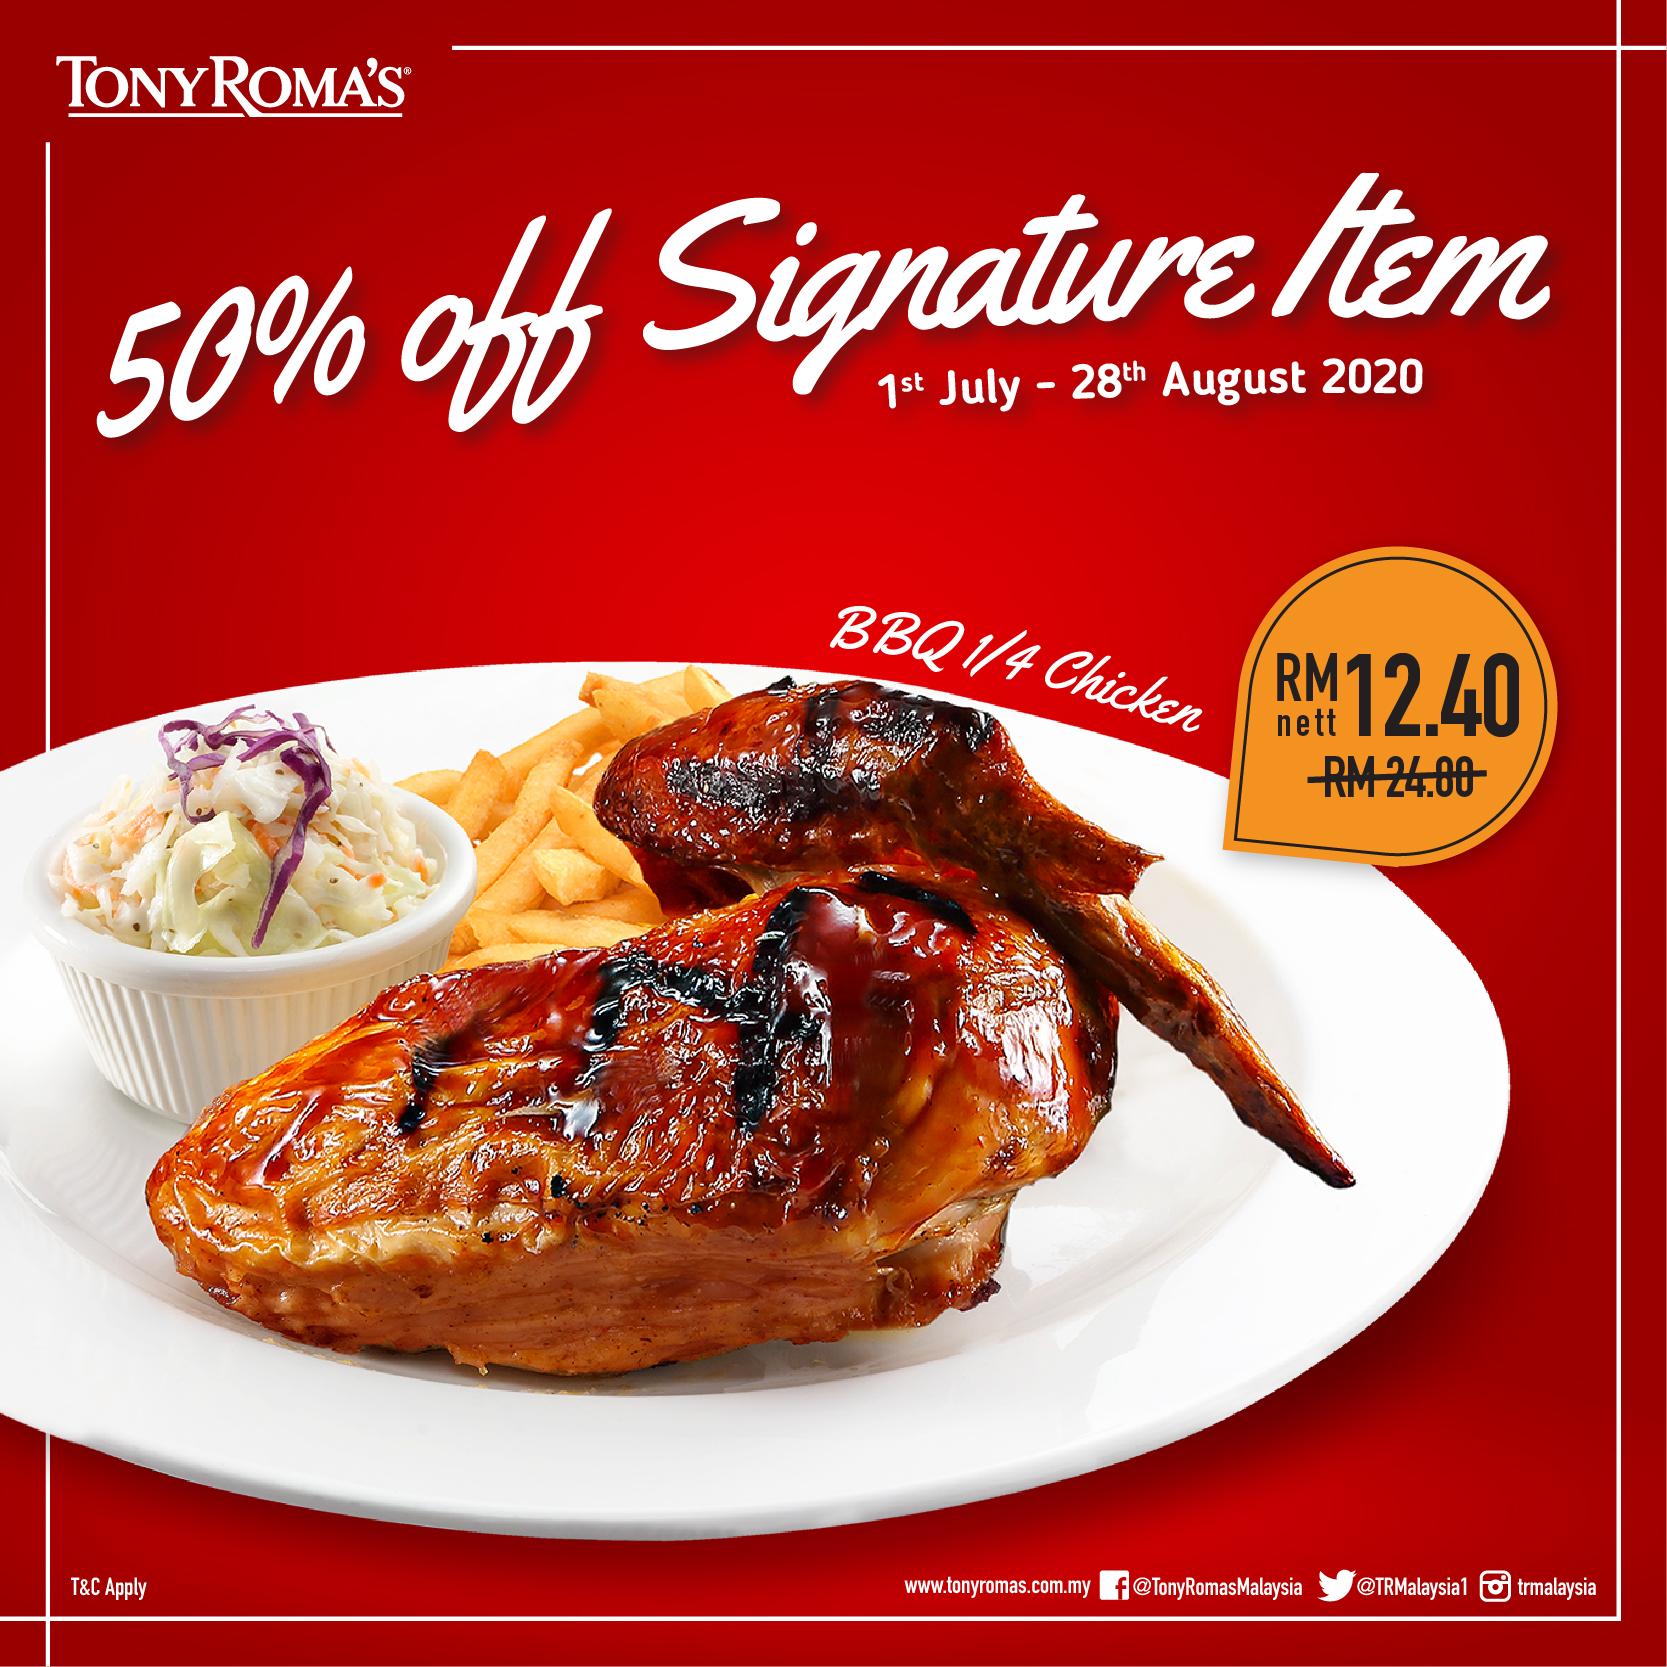 Tony-Romas-50-Off-Signature-Item-BBQ-Quarter-Chicken